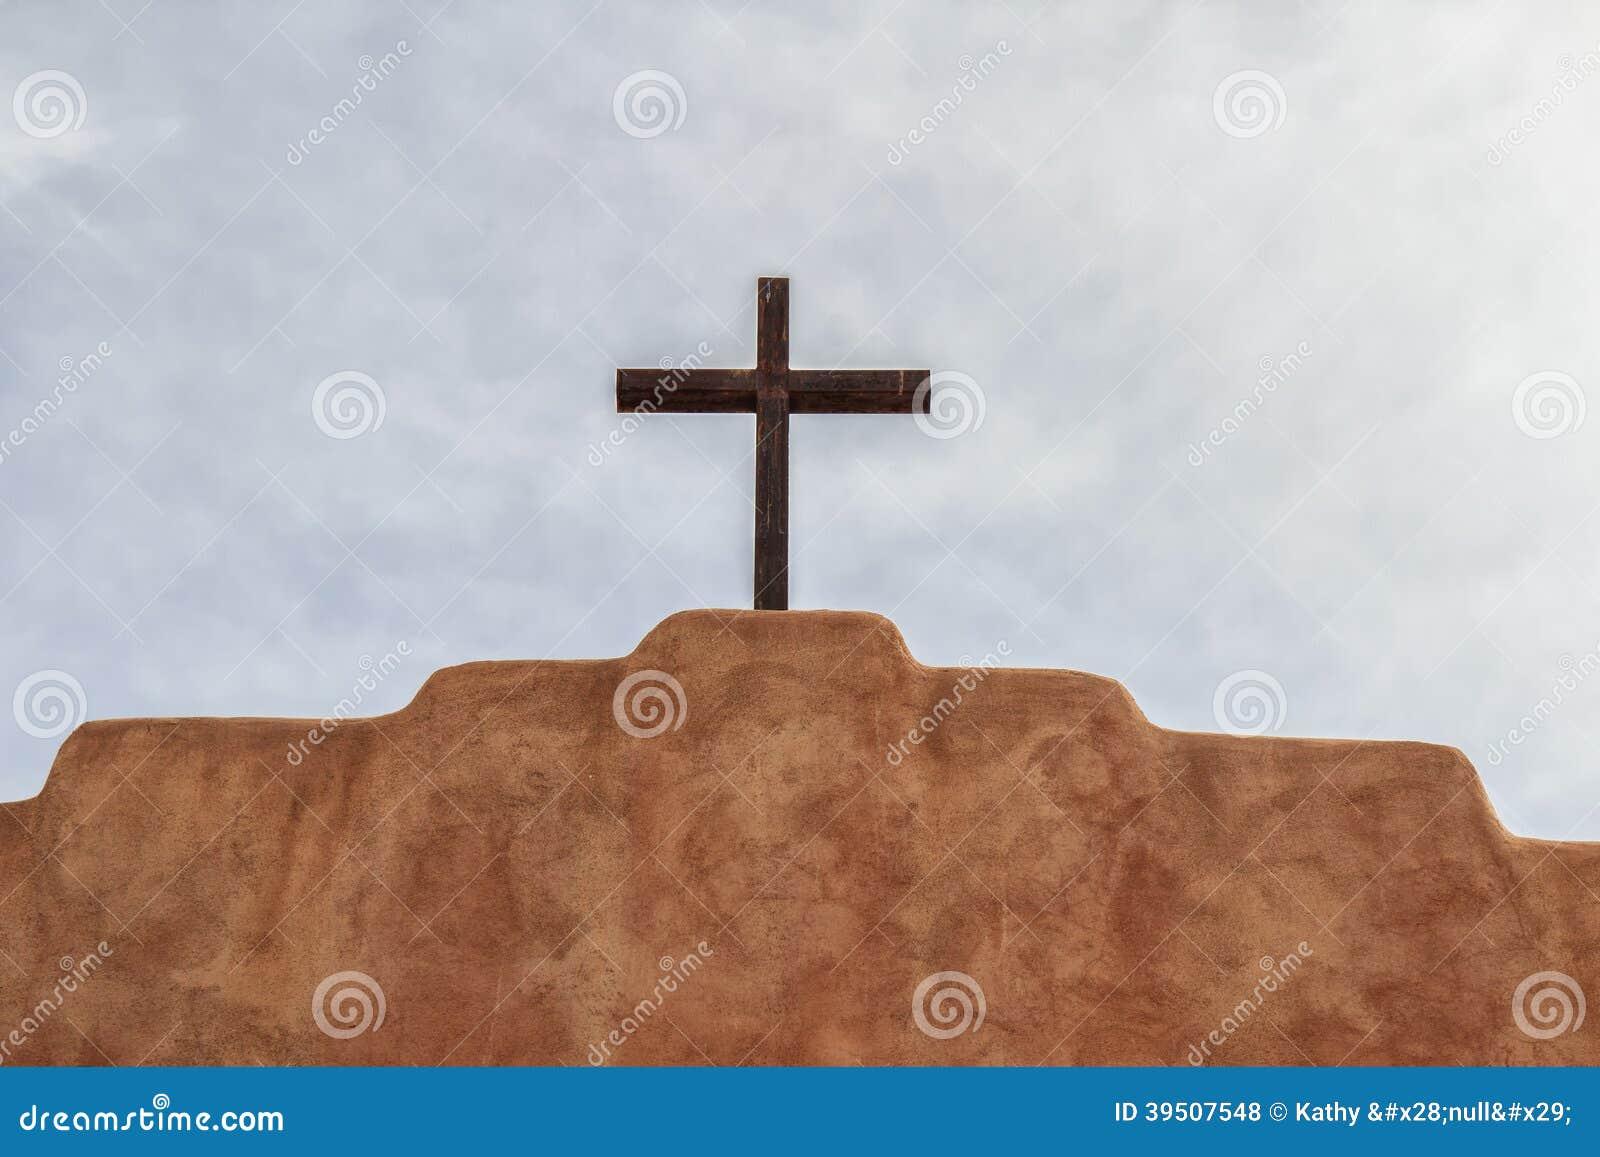 Steel cross on a church